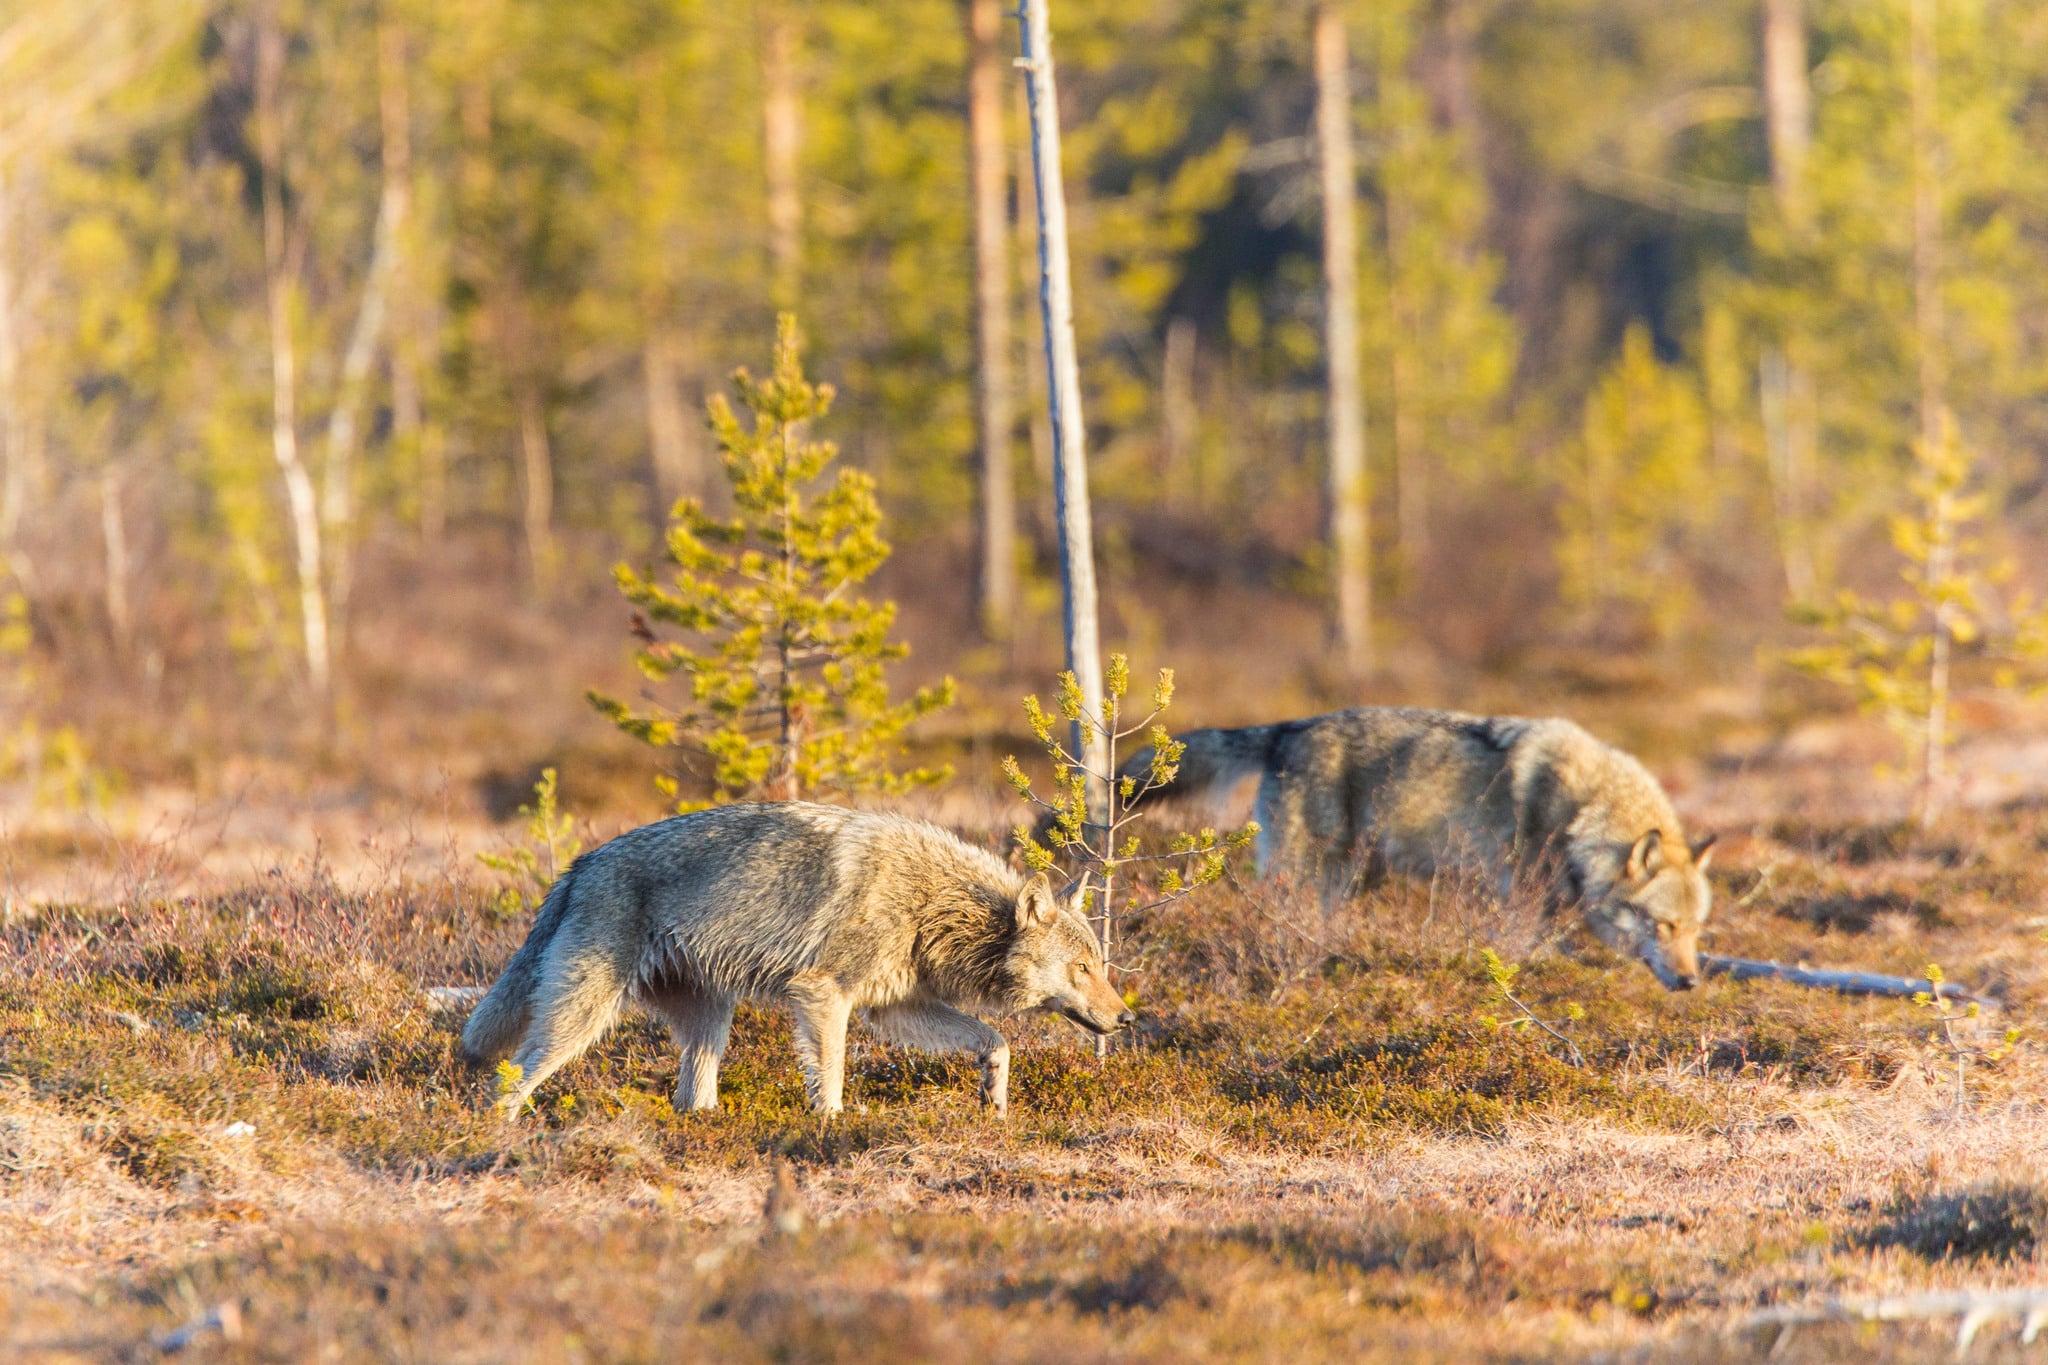 Tivedenvargarna har i genomsnitt spridit sig nästan dubbelt så långt jämfört med vargar födda i andra skandinaviska revir. Arkivbild: Kjell-Erik Moseid